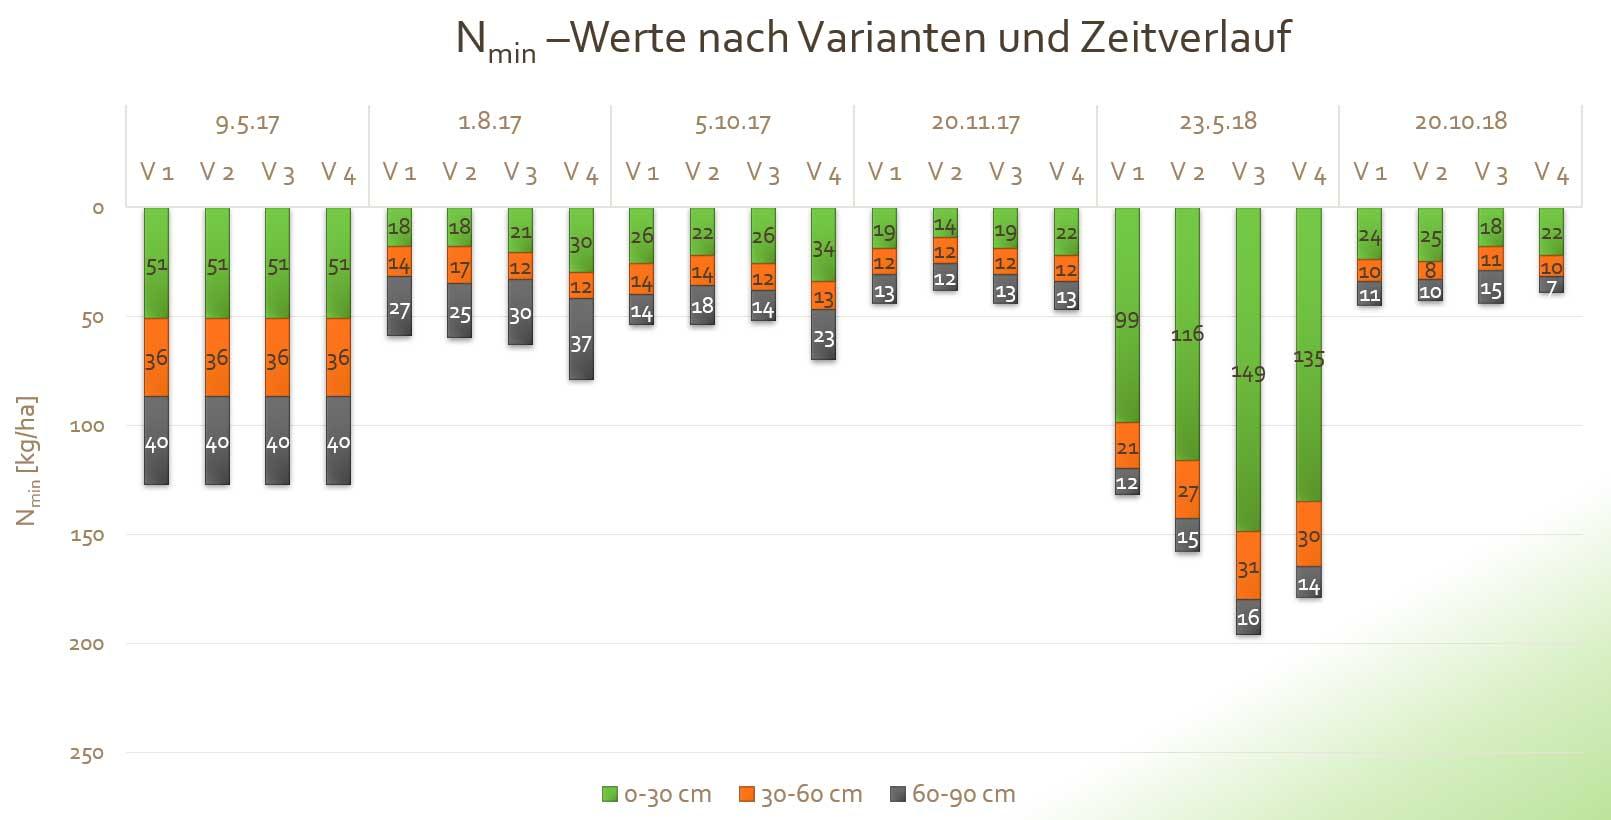 Diagramm über die Nmin-Werte nach Varianten und Zeitverlauf